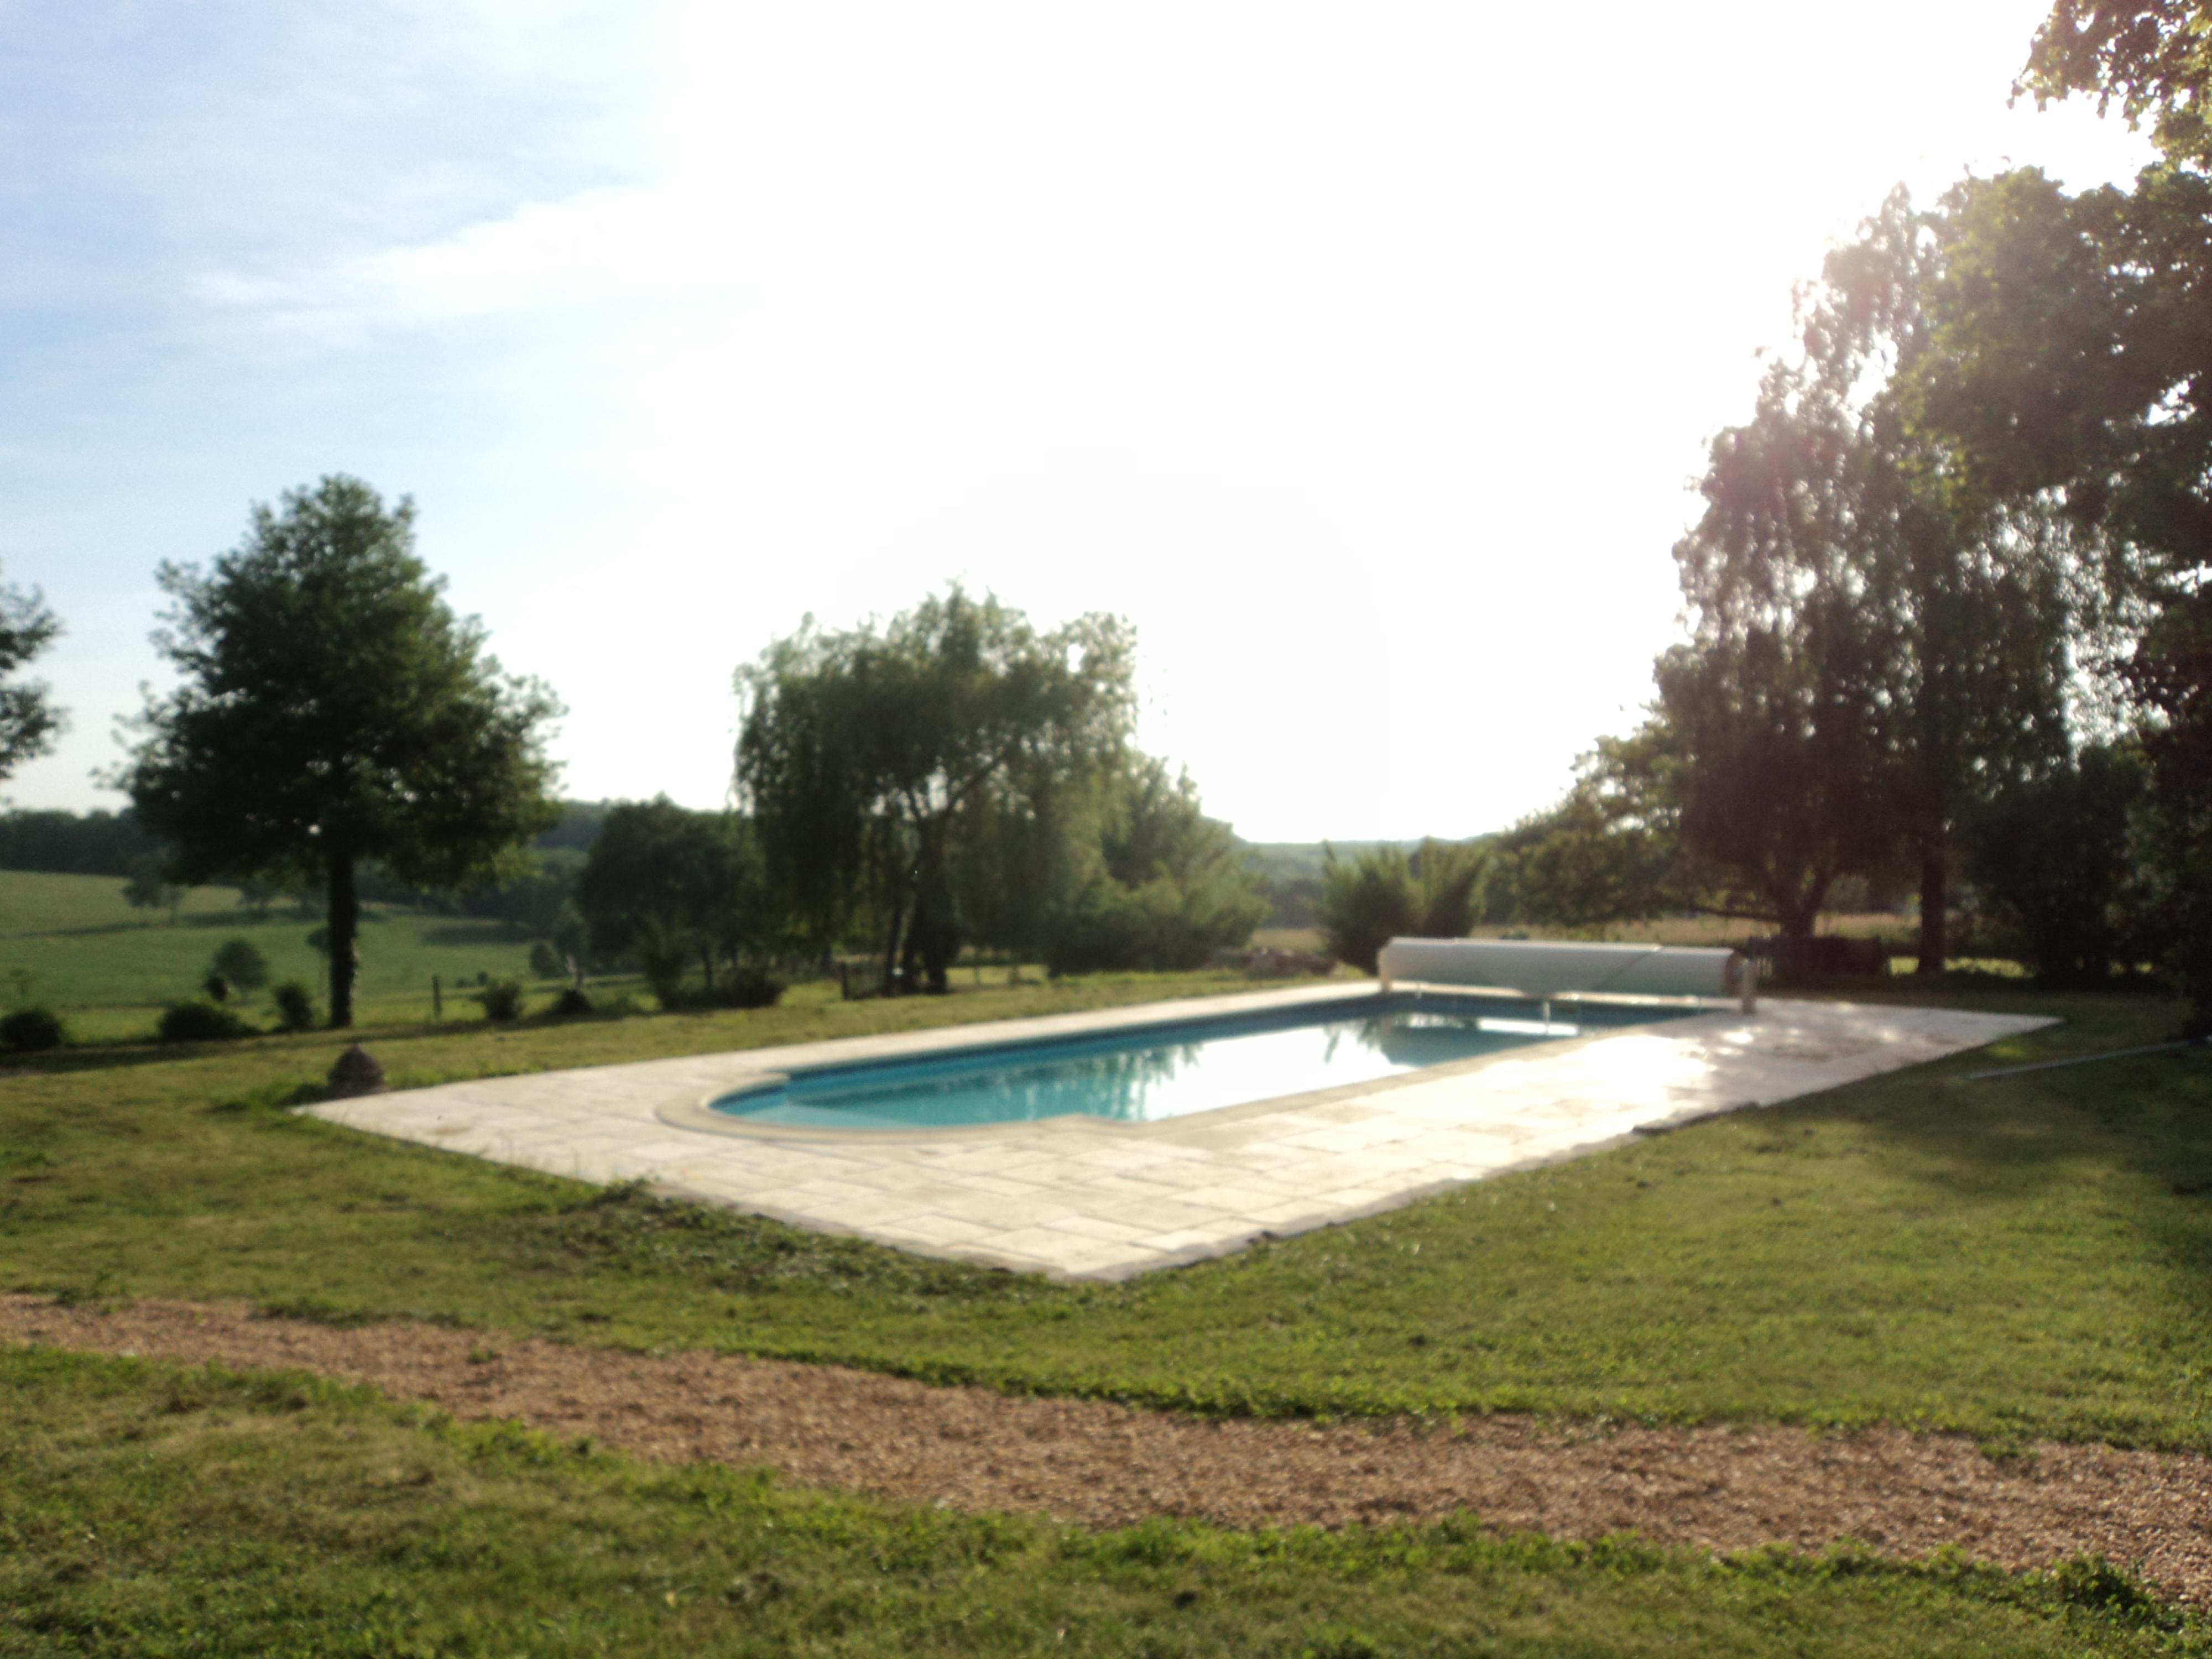 piscine sécurisée/securised pool